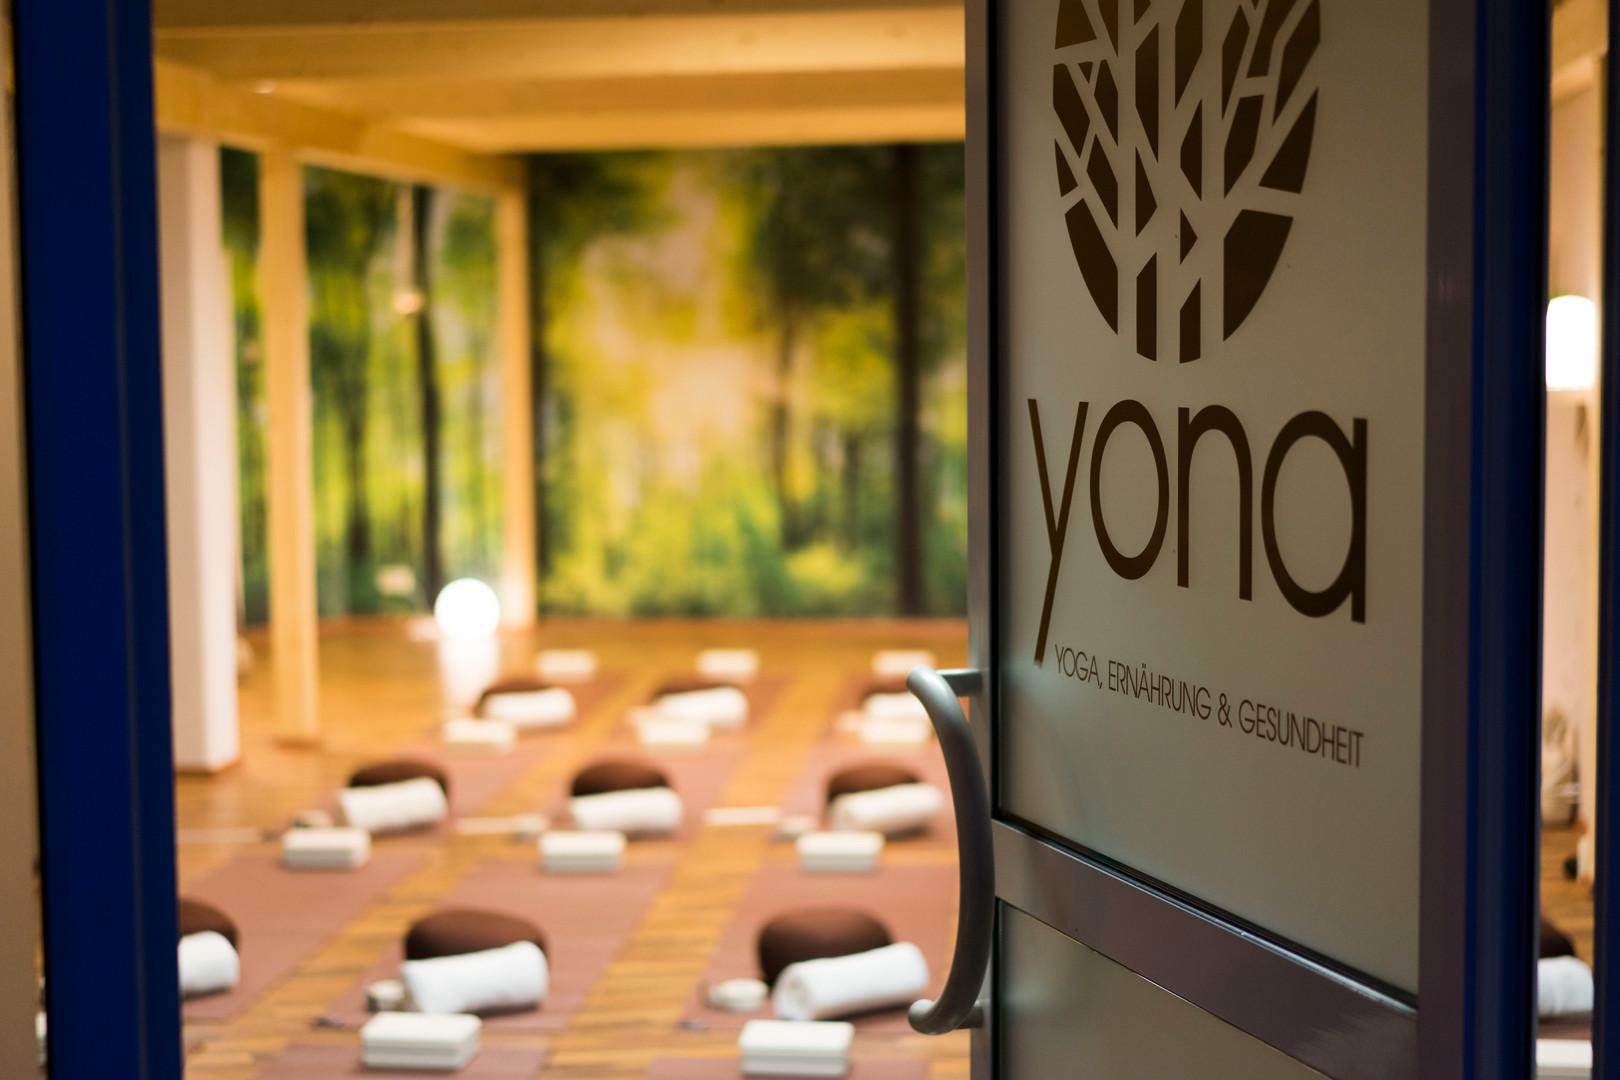 Yona Eingang.JPG